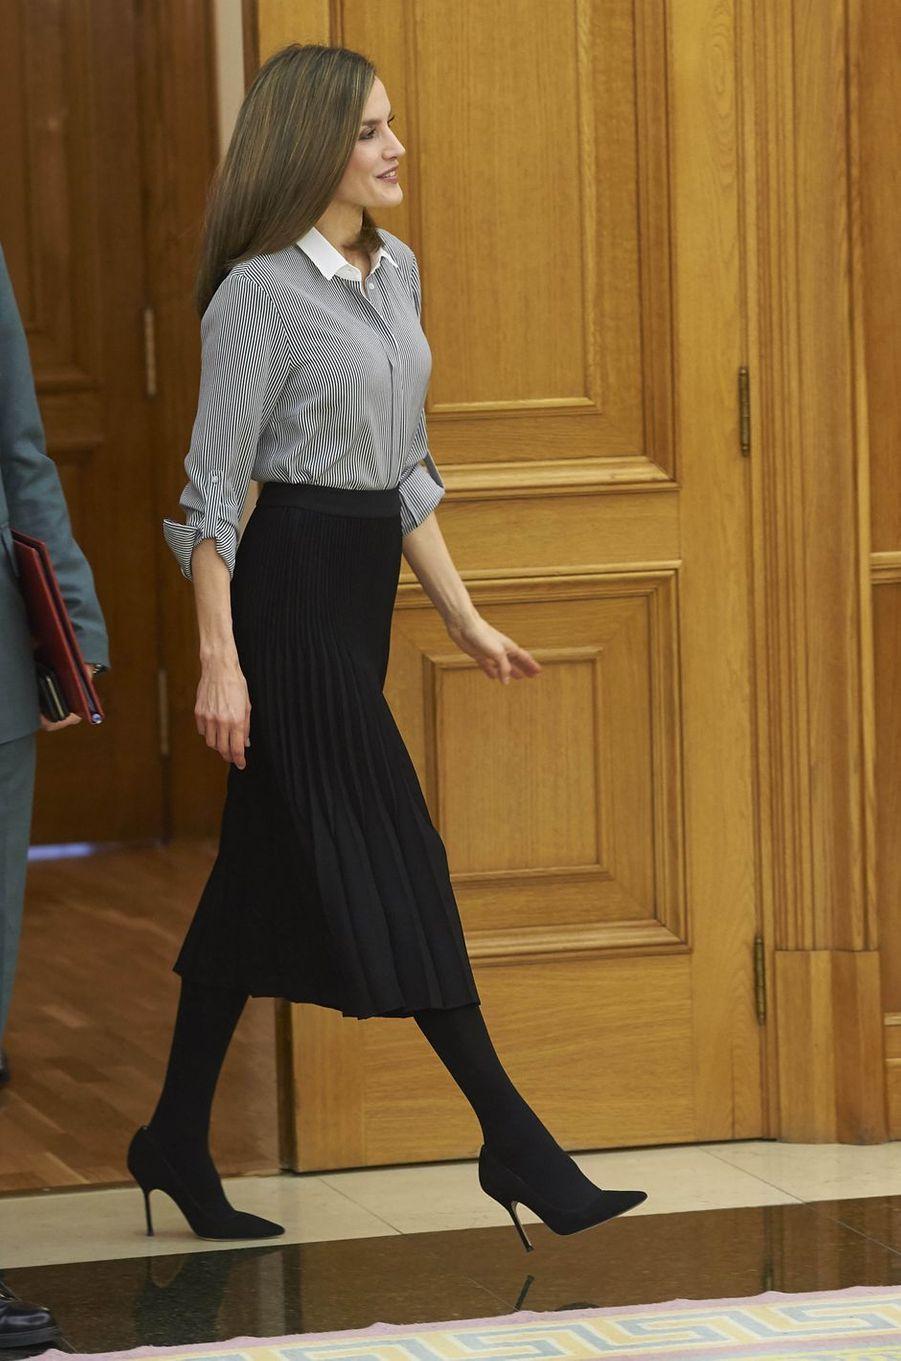 La reine Letizia d'Espagne au Palais de la Zarzuela en solo à Madrid, le 15 février 2017